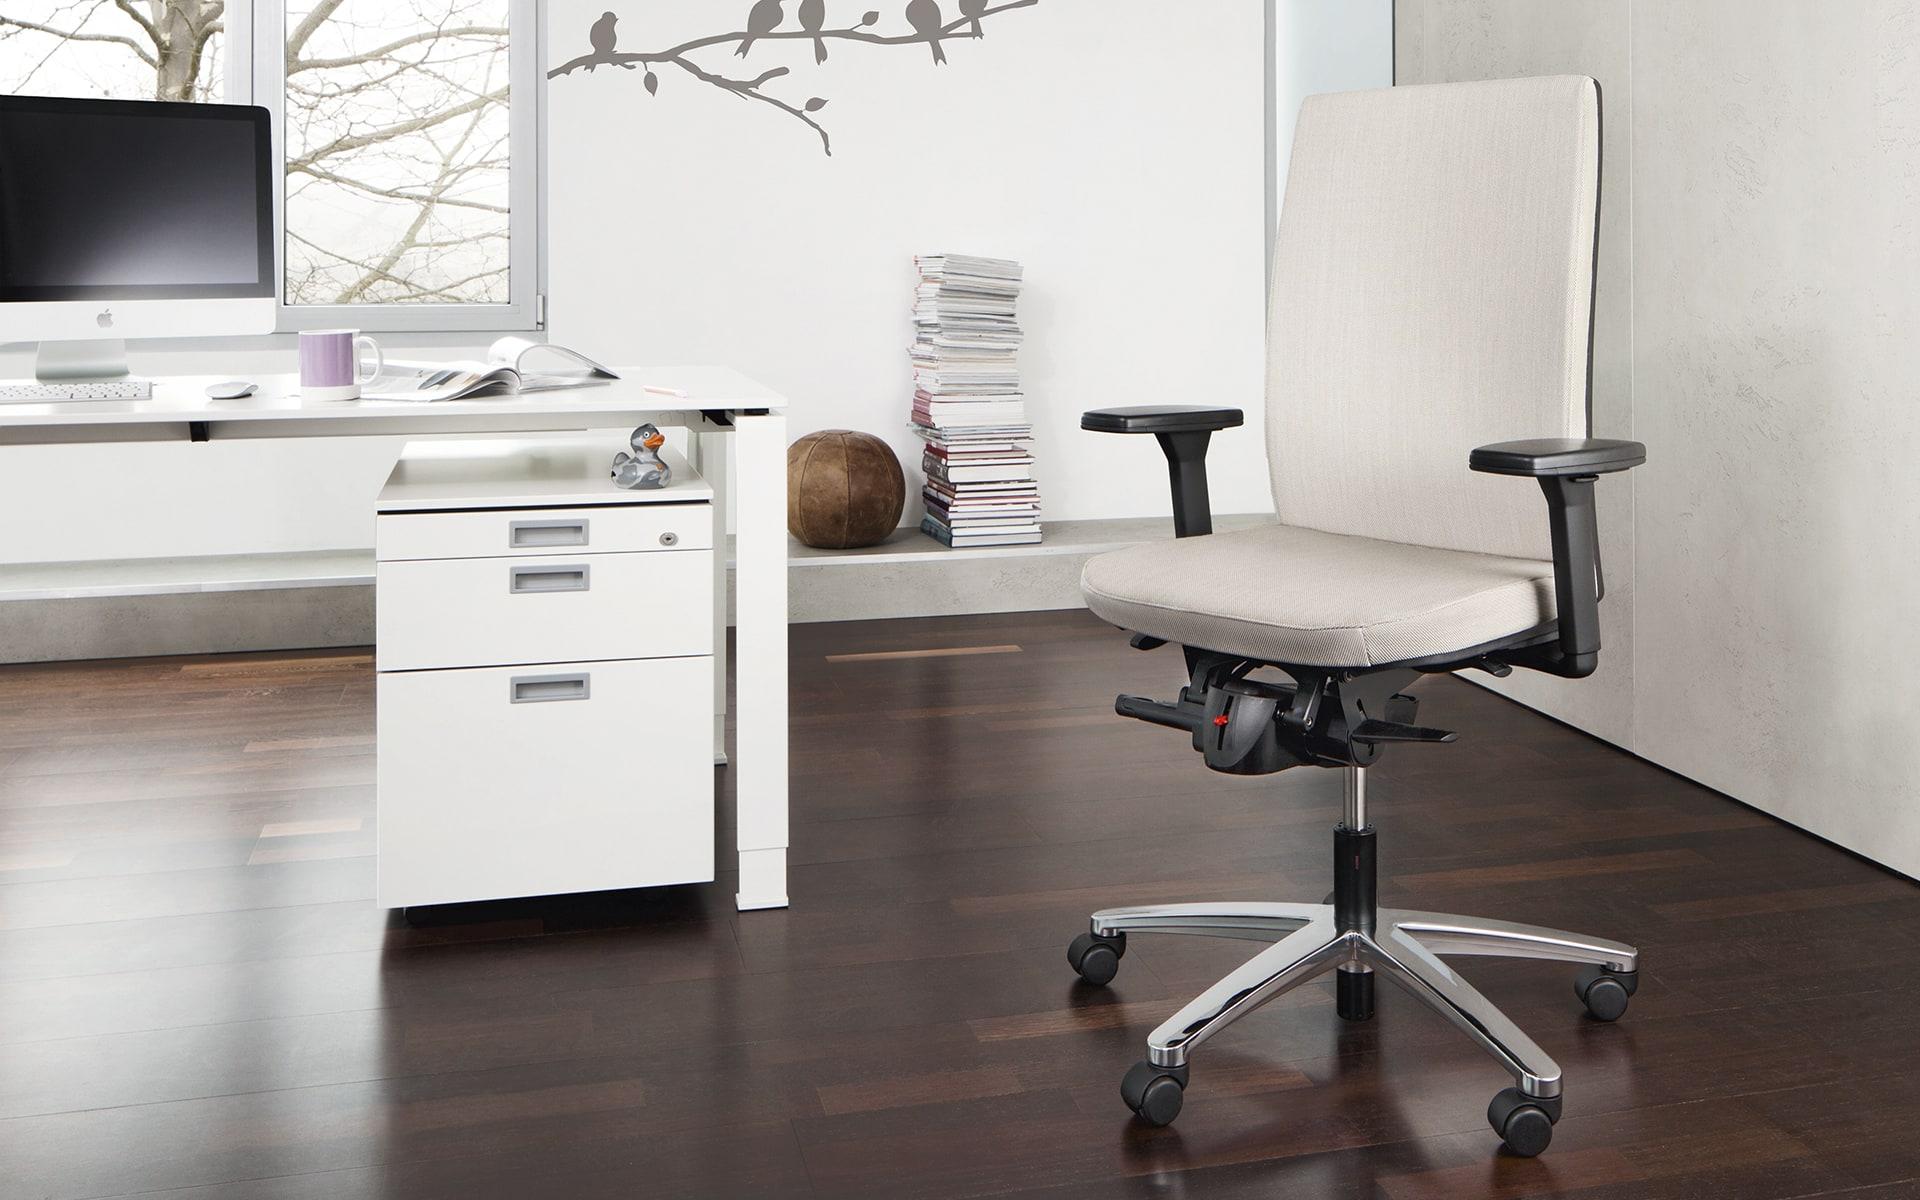 König + Neurath Tensa Bürostuhl von ITO Design mit beigefarbenem Polster in modernem Büro